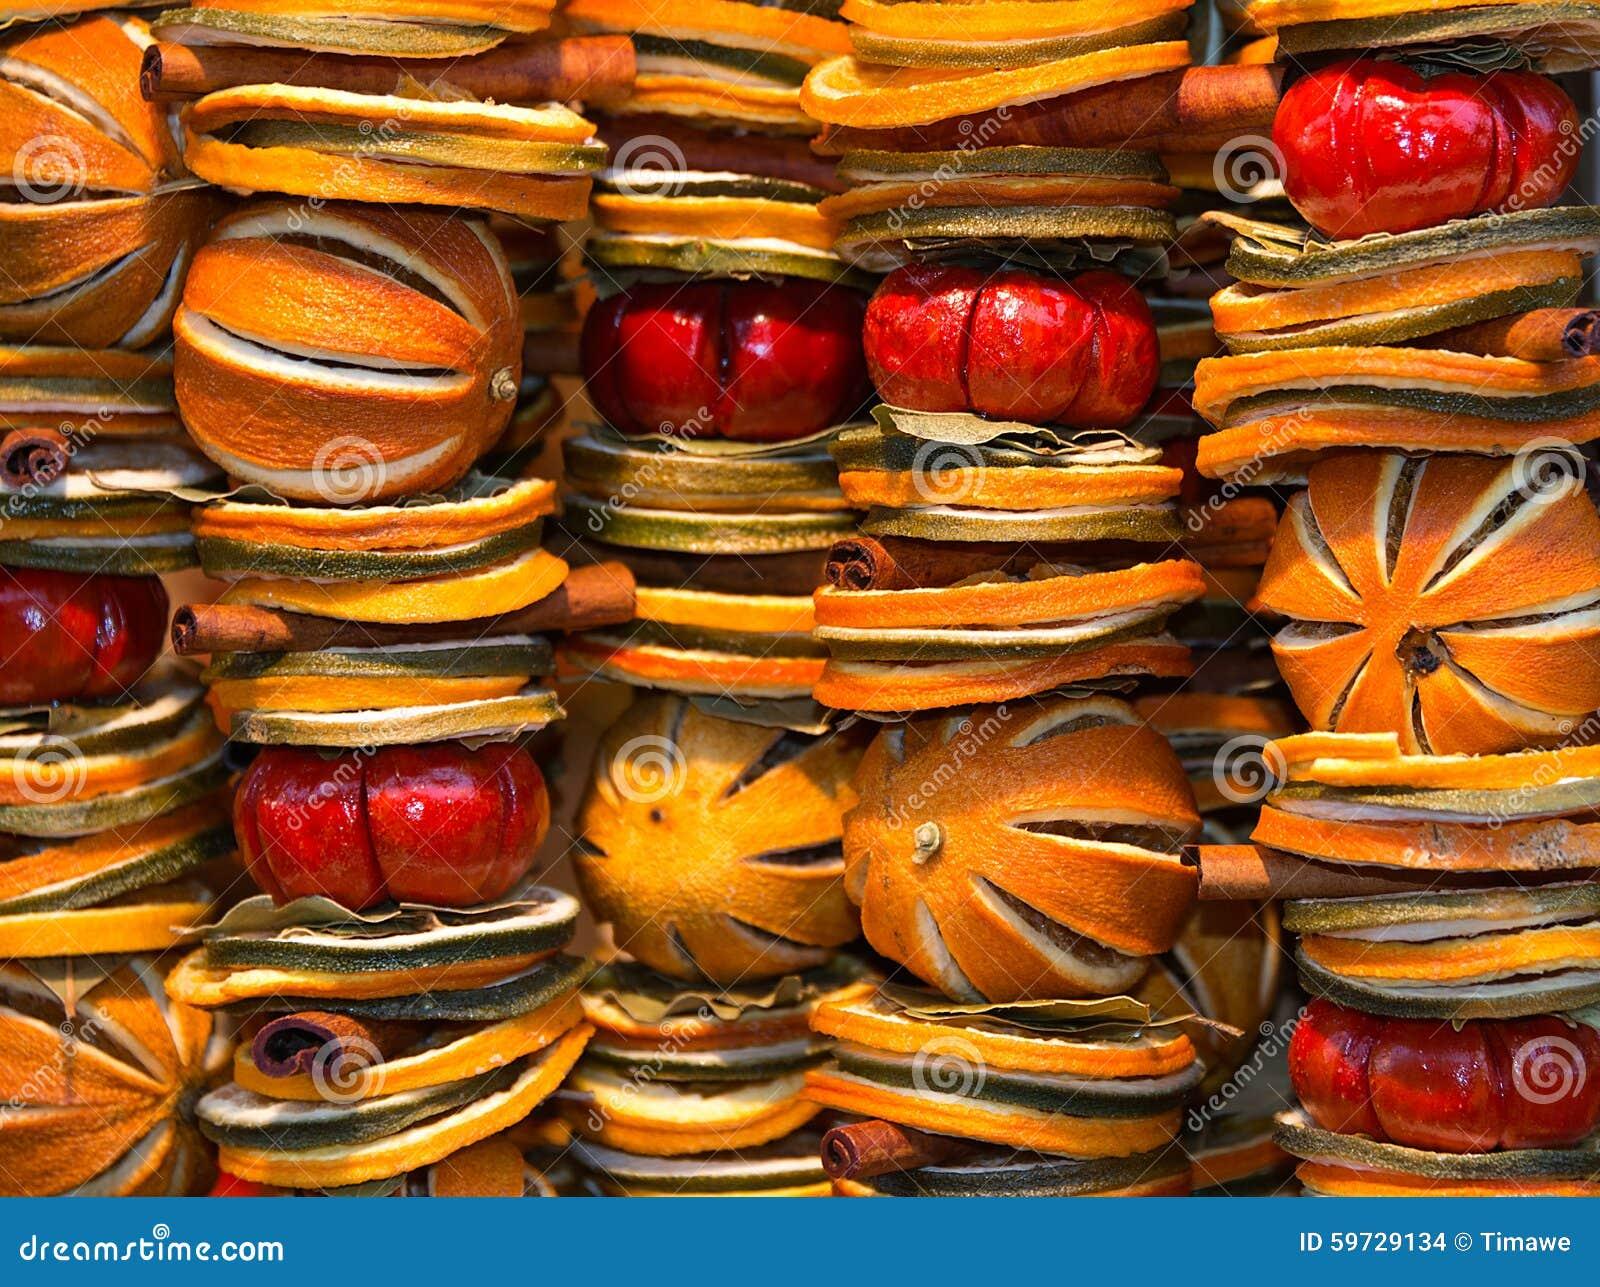 Christmas Fruit Decorations Part - 25: Christmas Decorations Fruit ...